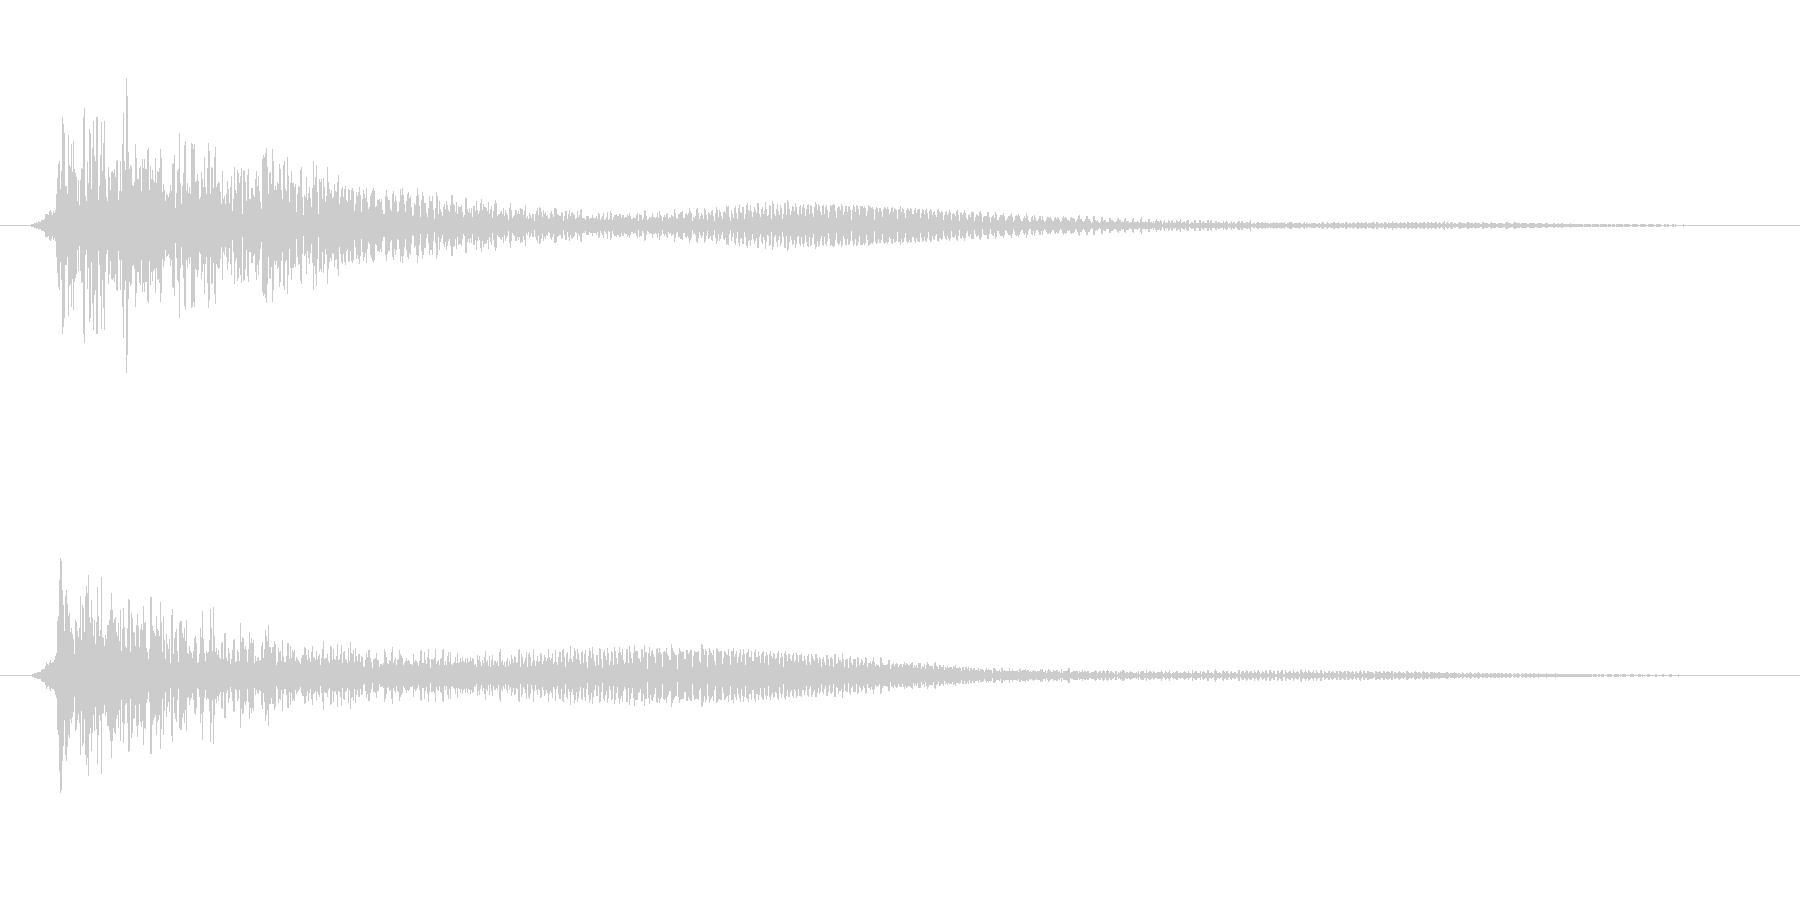 「ドゥーン」(ショックを受ける)の未再生の波形